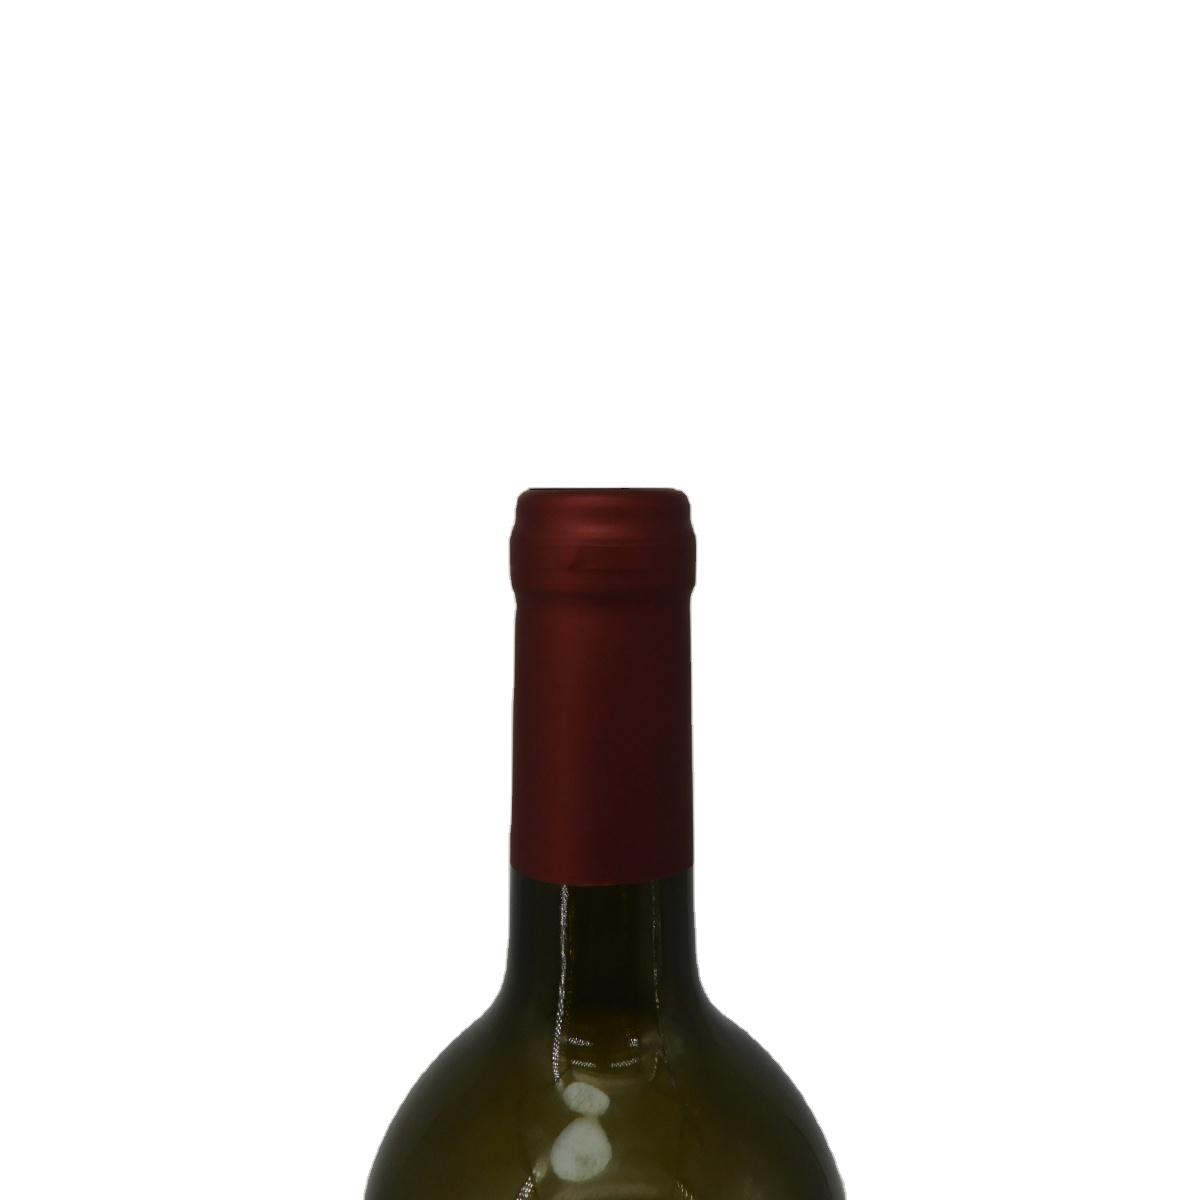 Индивидуальный Логотип capsula pvc botella vino низкий минимальный заказ ПВХ термоусадочная капсула для крышки бутылки оливкового масла